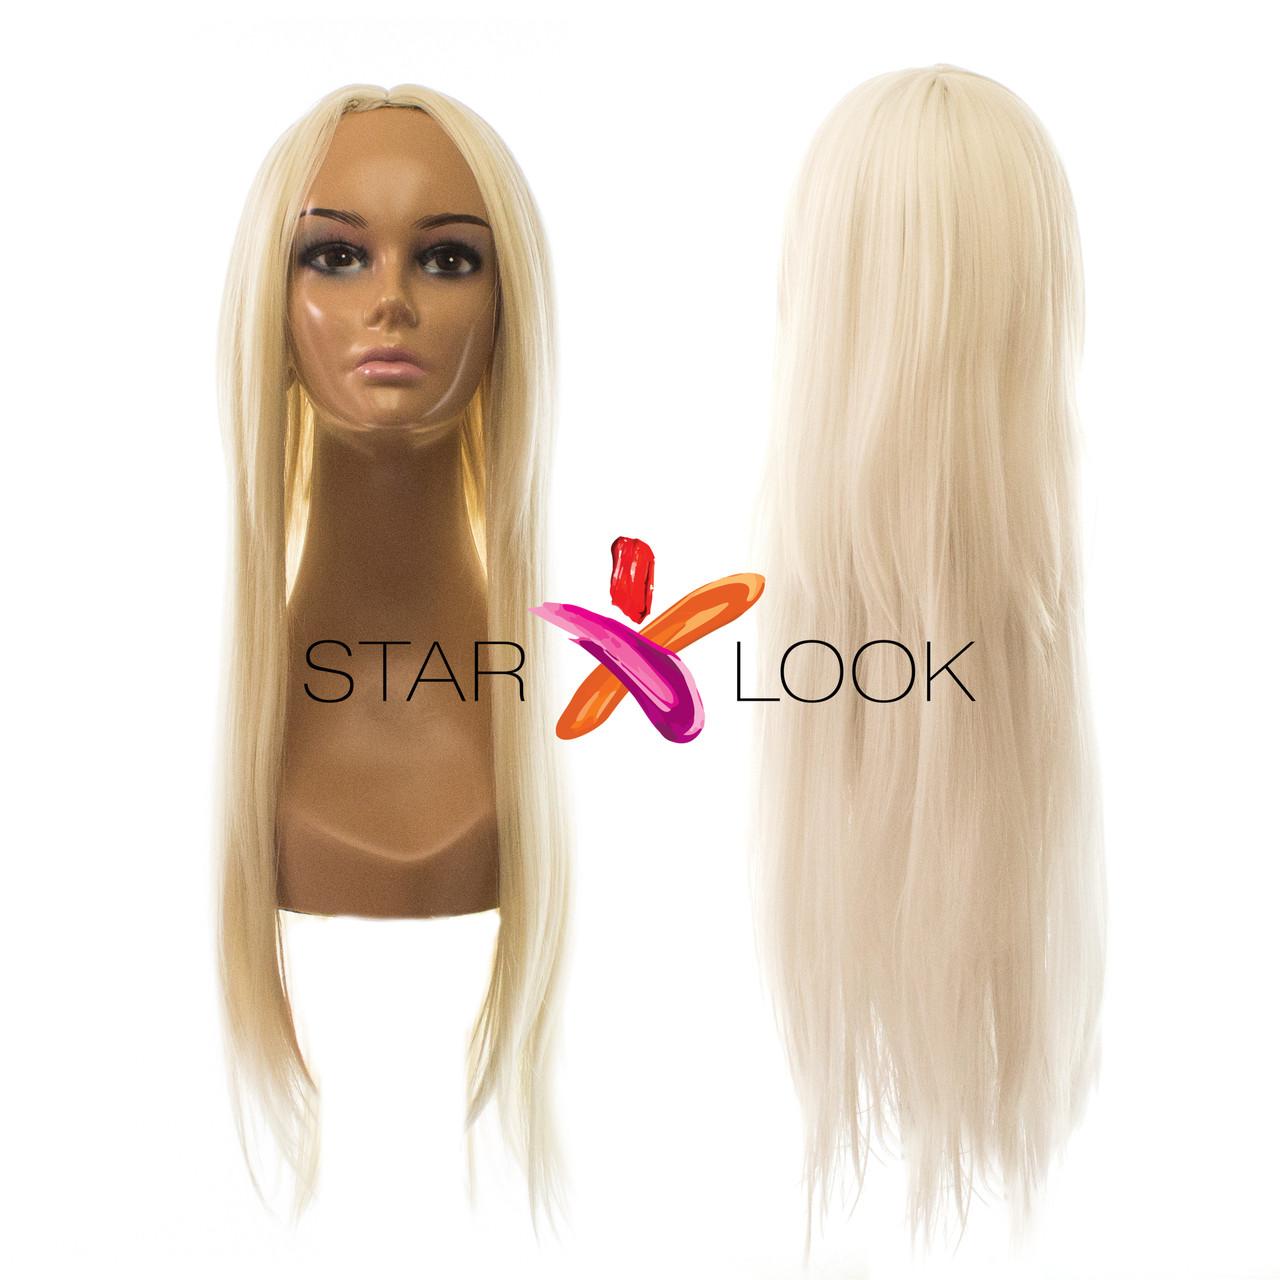 Парик блонд без челки 70 см - STARLOOK интернет-магазин косметики и аксессуаров в Киеве